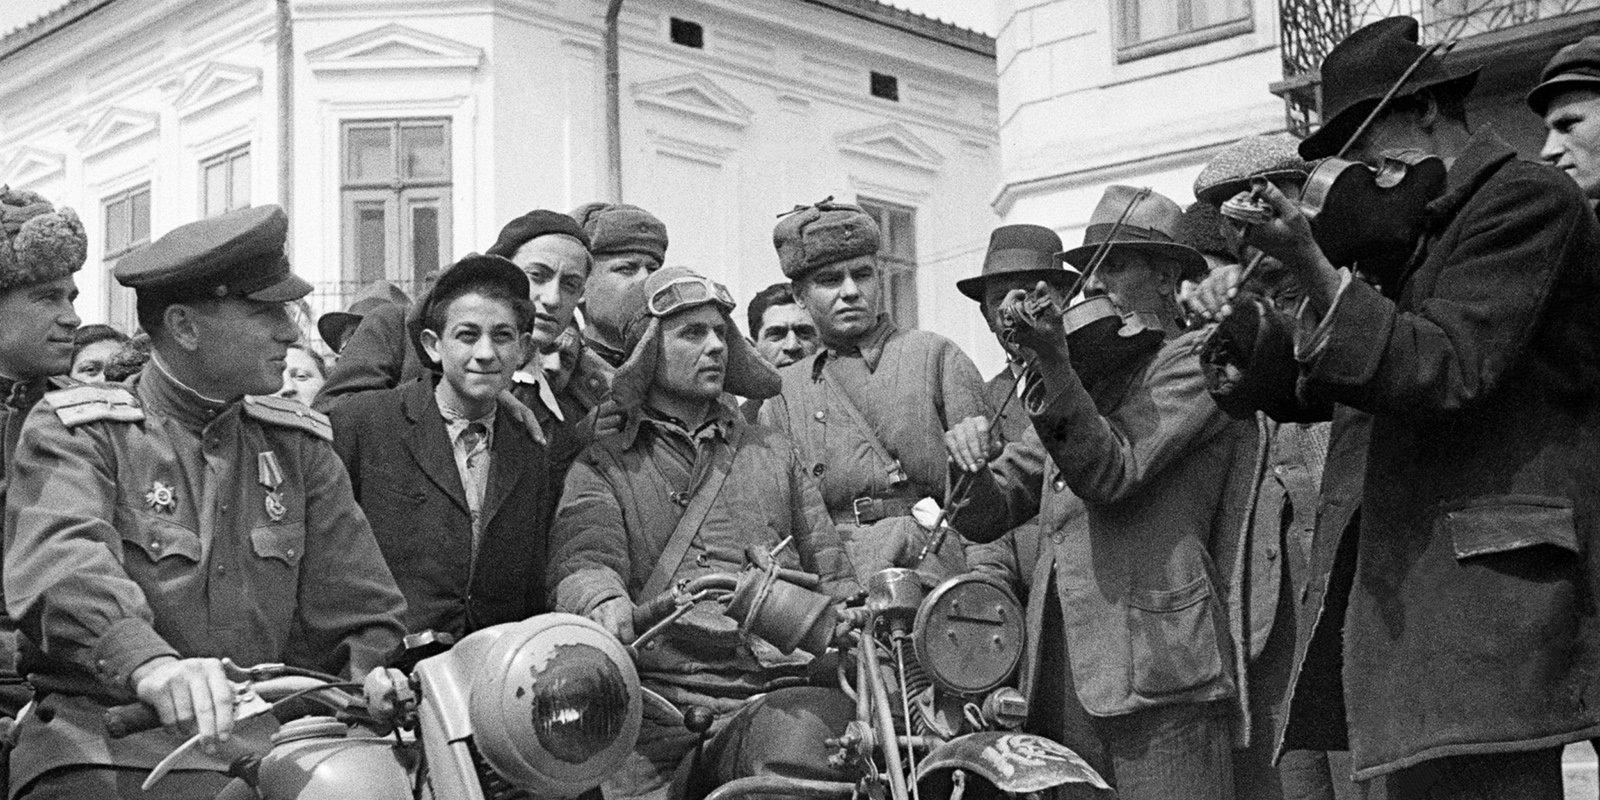 директора ни-окр освобождение румынии в фото статье указано